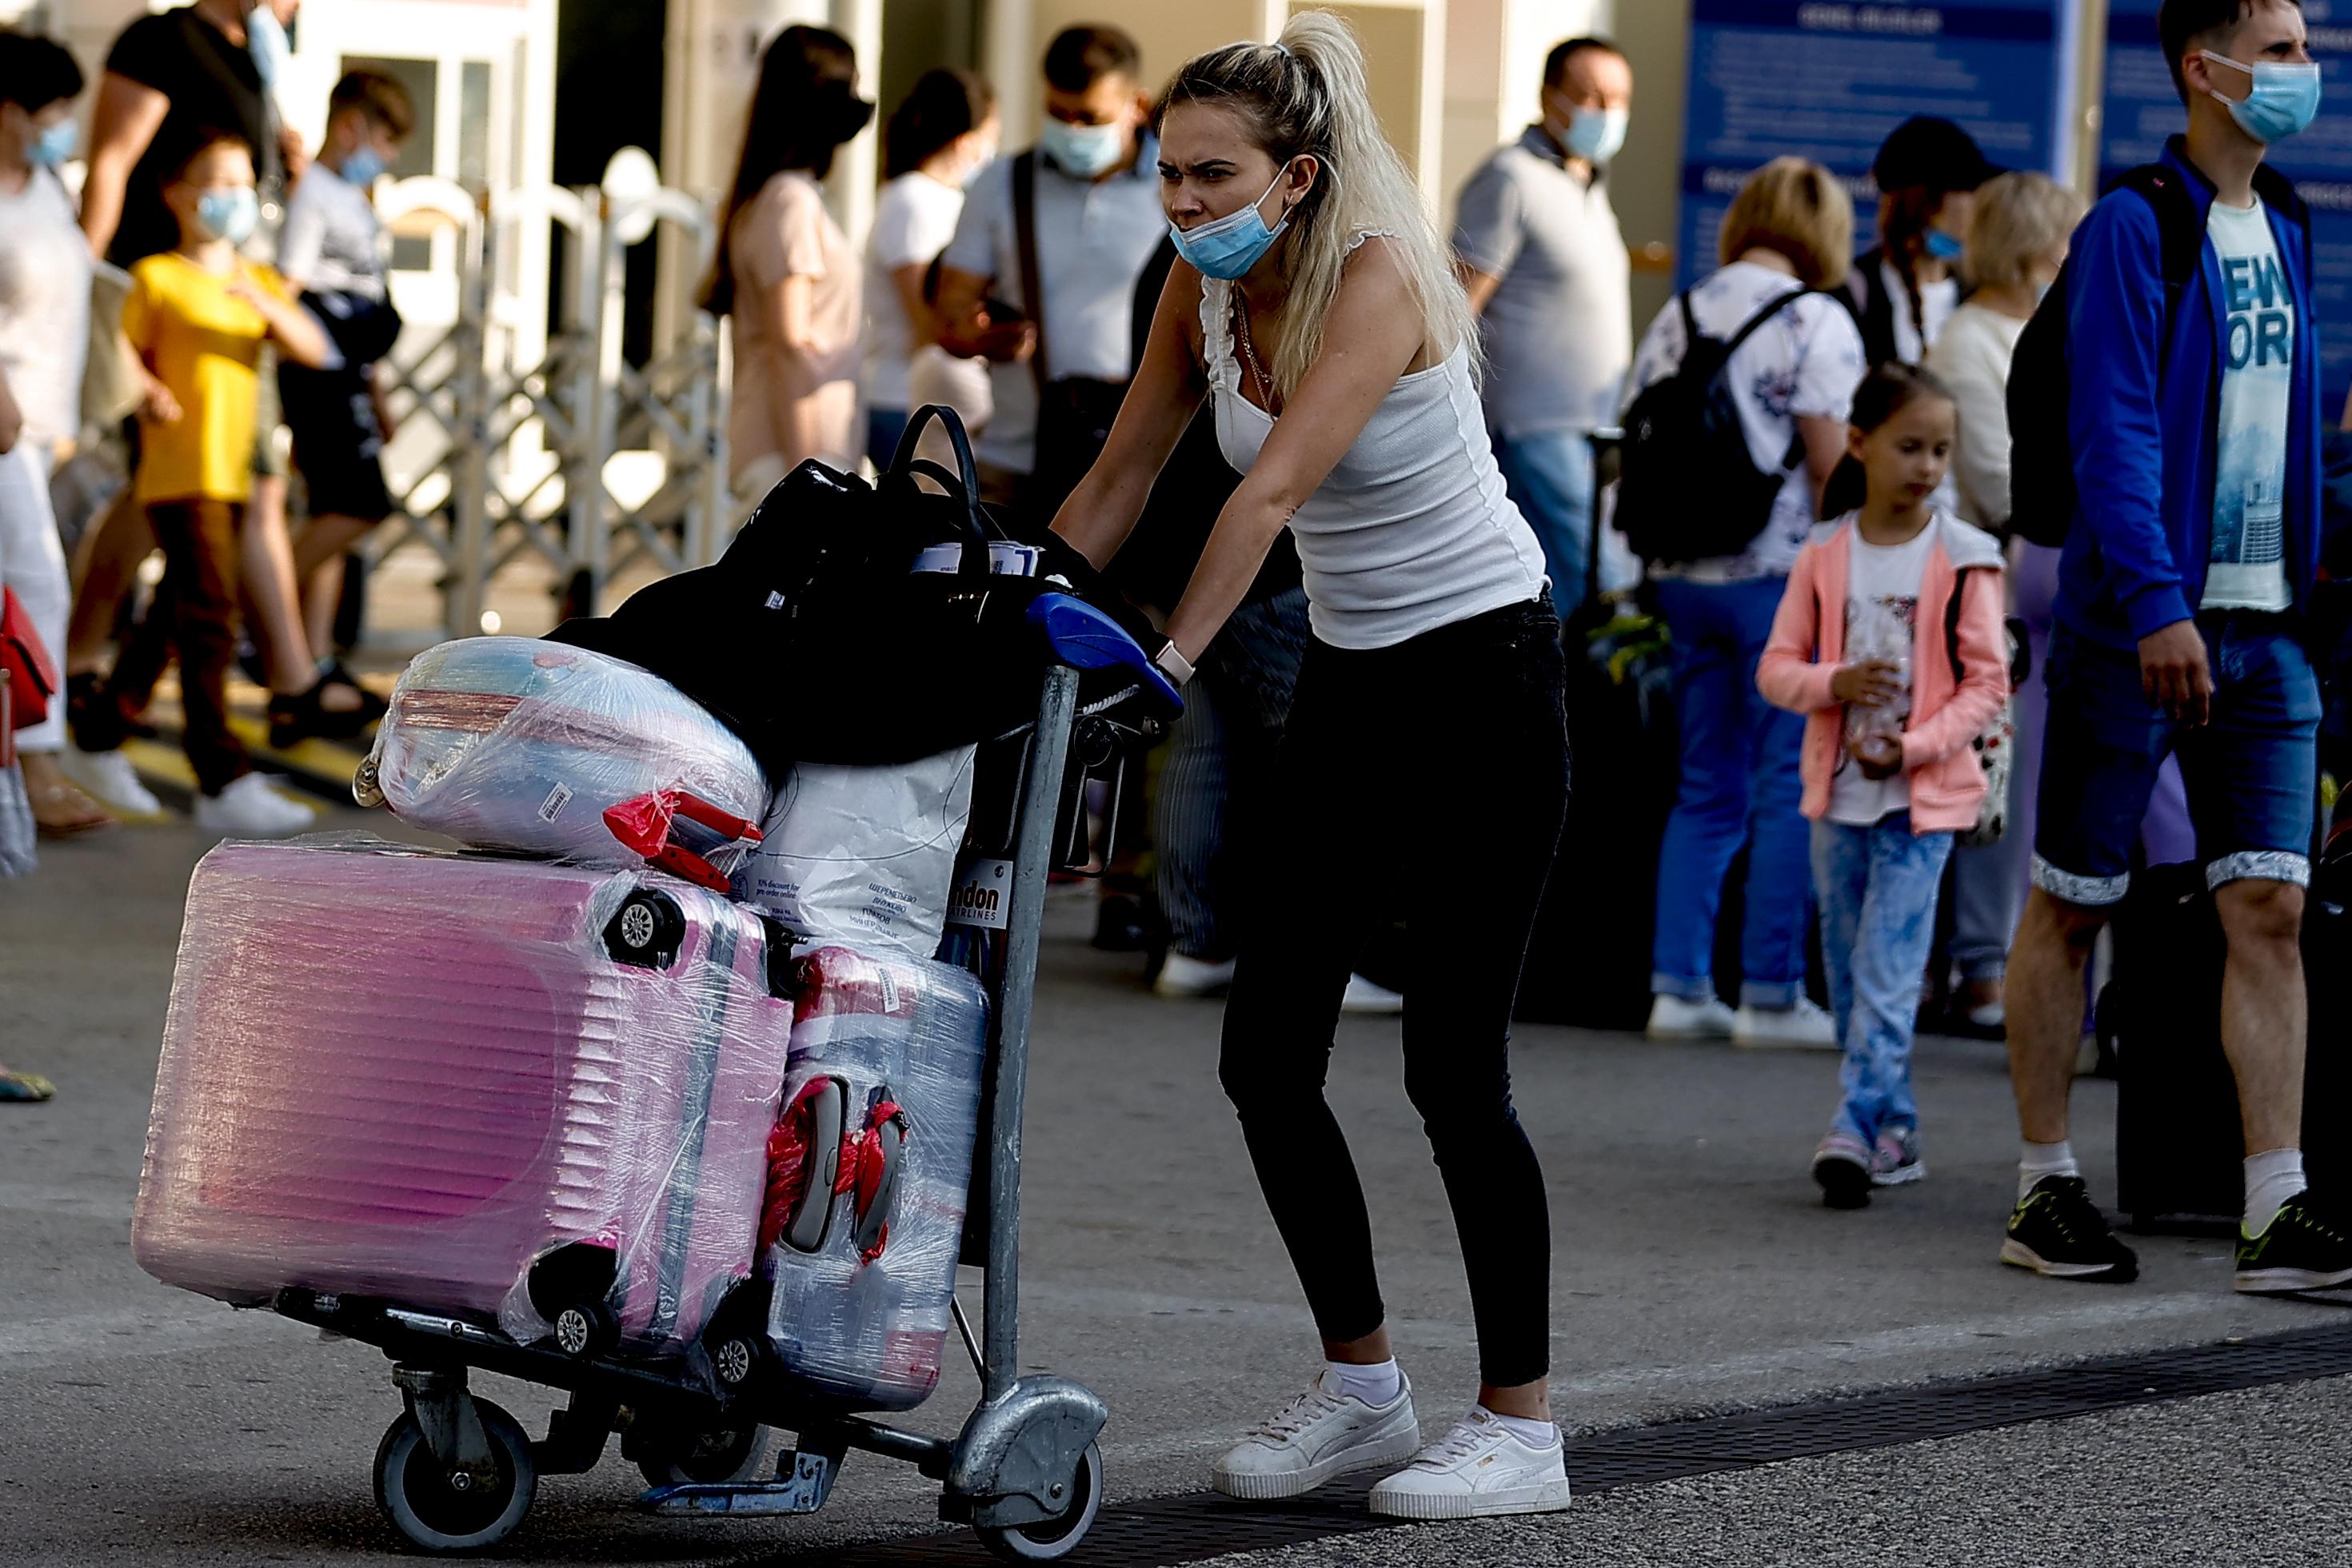 Yasak kalktı, Ruslar soluğu Türkiyede aldı! Turizmde beklenen an! Rusyadan ilk turist kafilesi